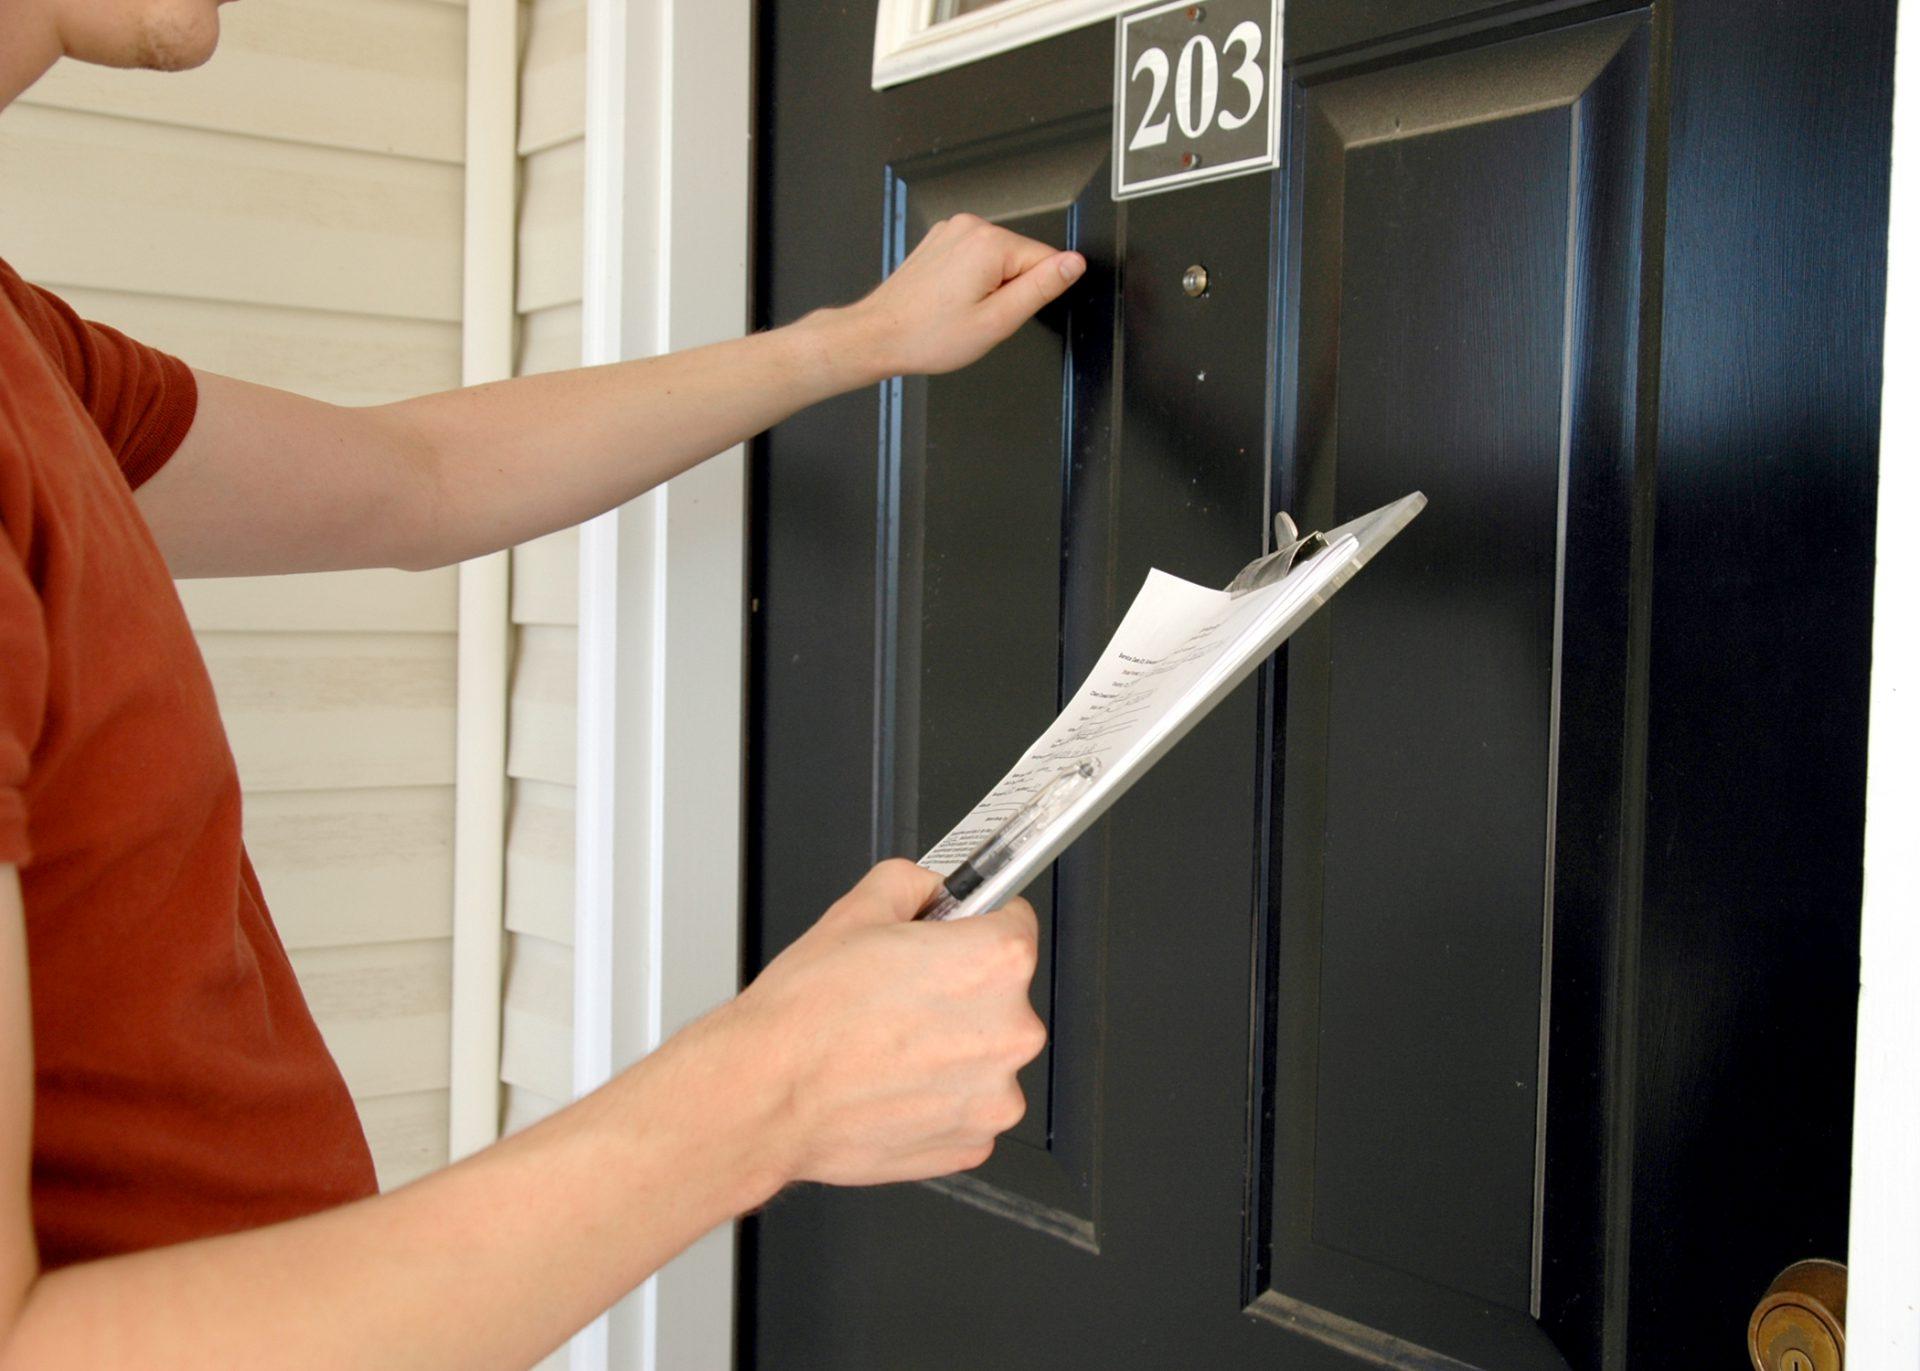 Province banning door-to-door energy sales & Door-to-door energy sales still a problem in Alberta - My Grande ...